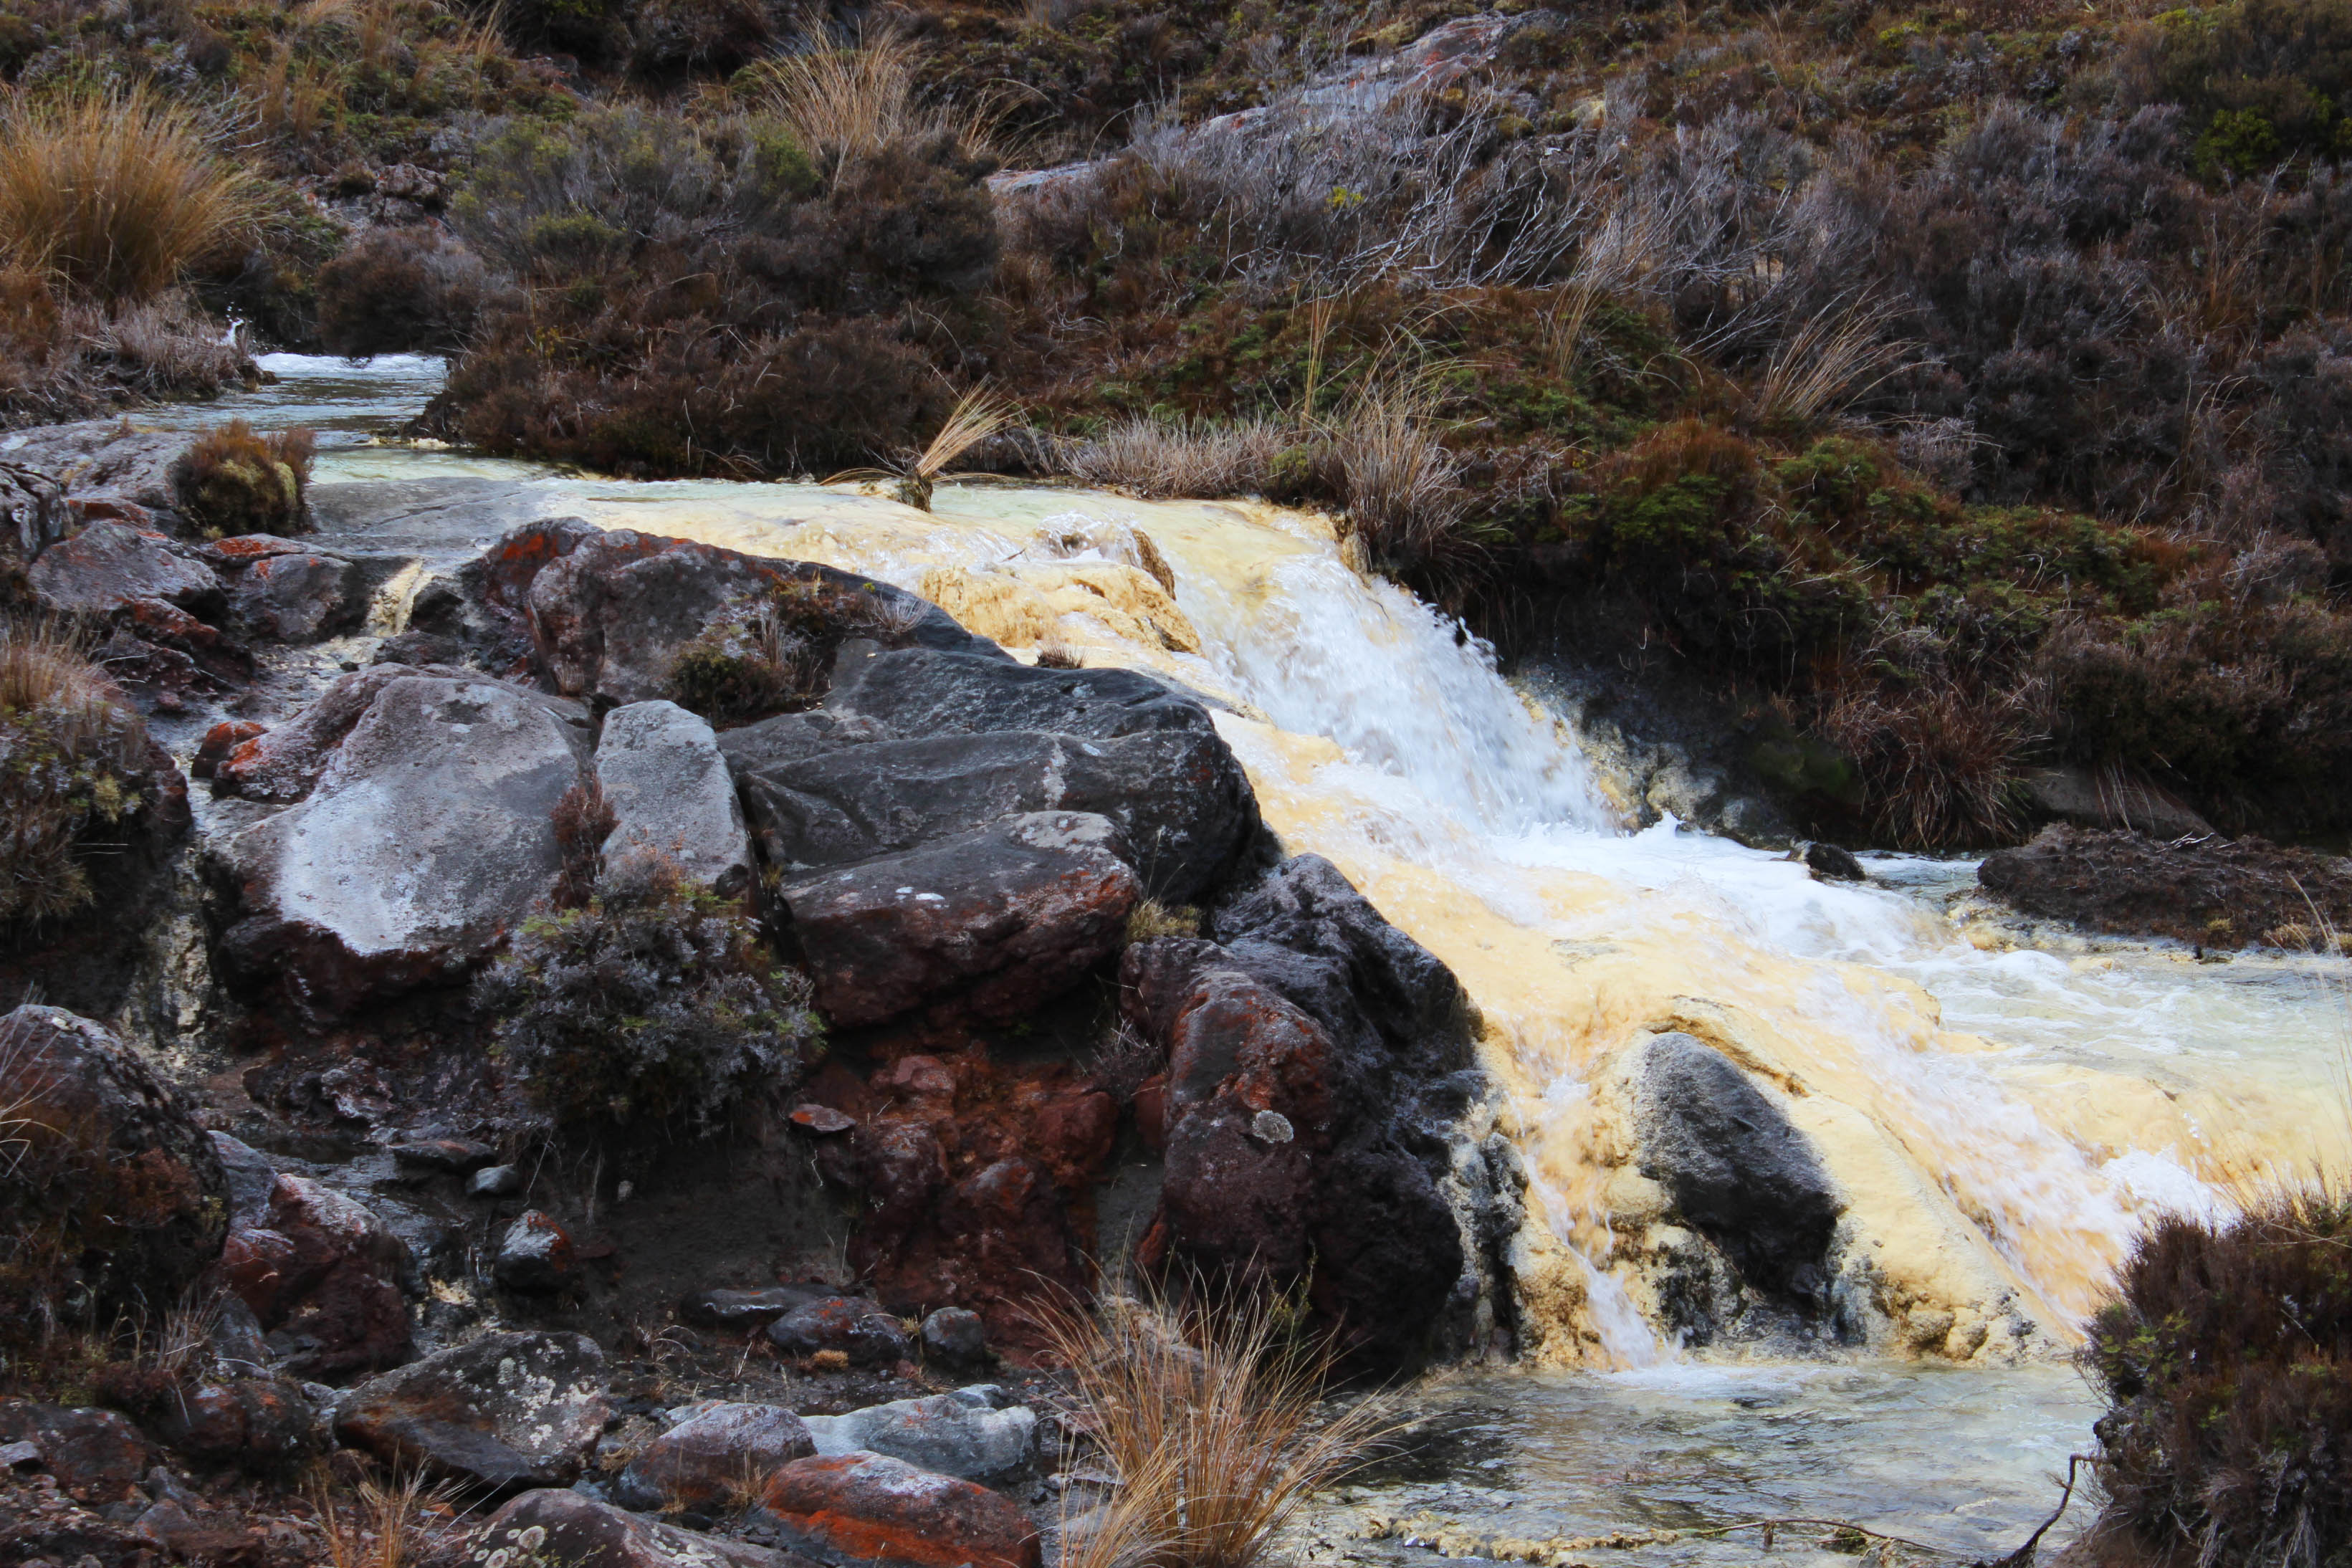 Nouvelle Zélande - Tongariri national parc - Les lubies de louise (13 sur 25)